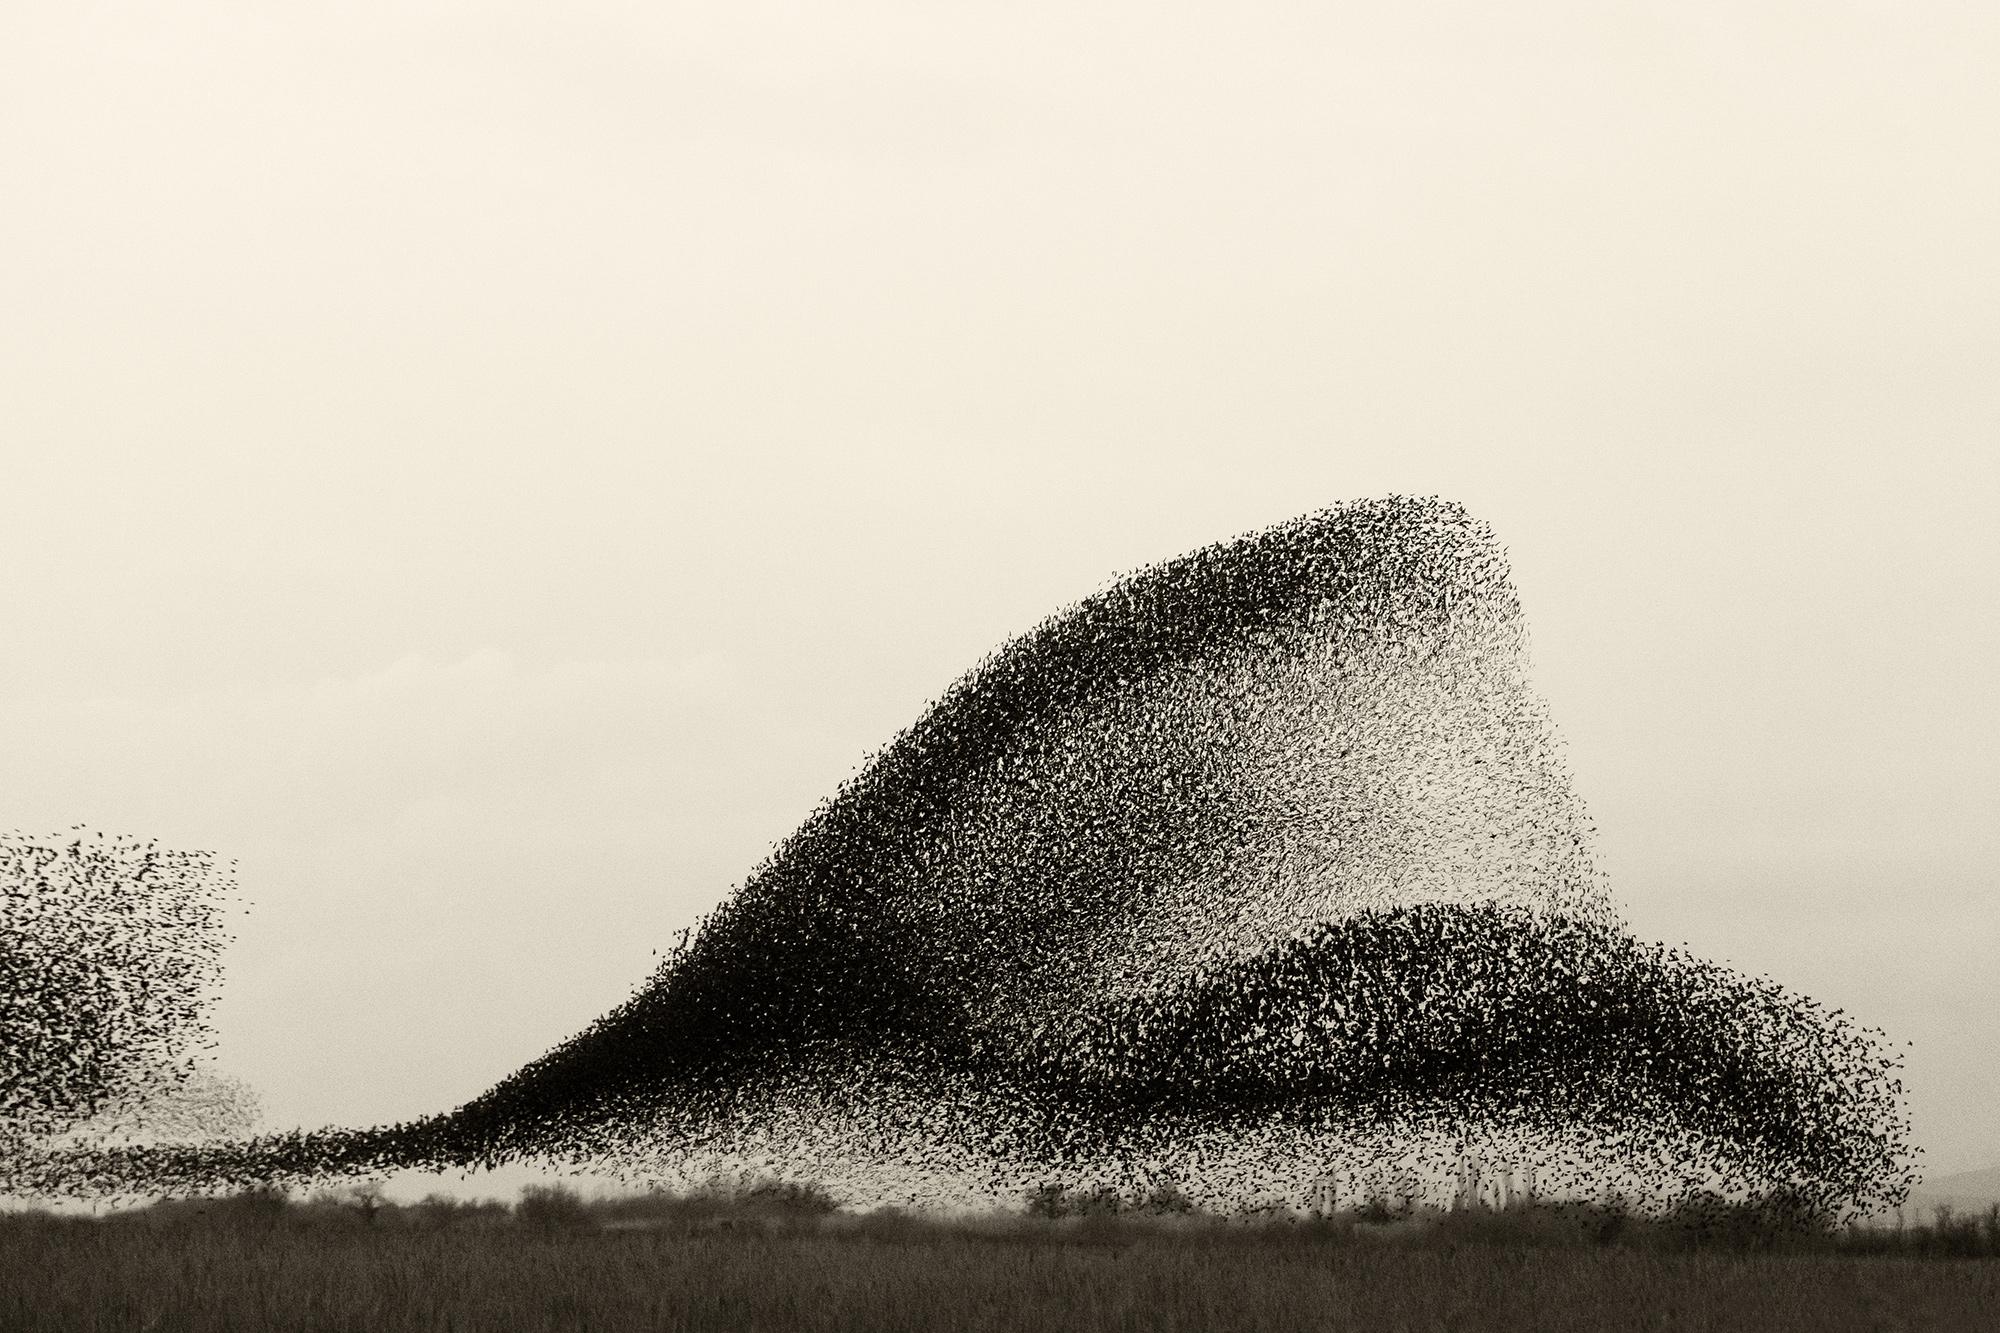 Fotógrafo registra o espetacular fenômeno do voo coordenado de milhares de estorninhos sobre os pântanos dinamarqueses 01